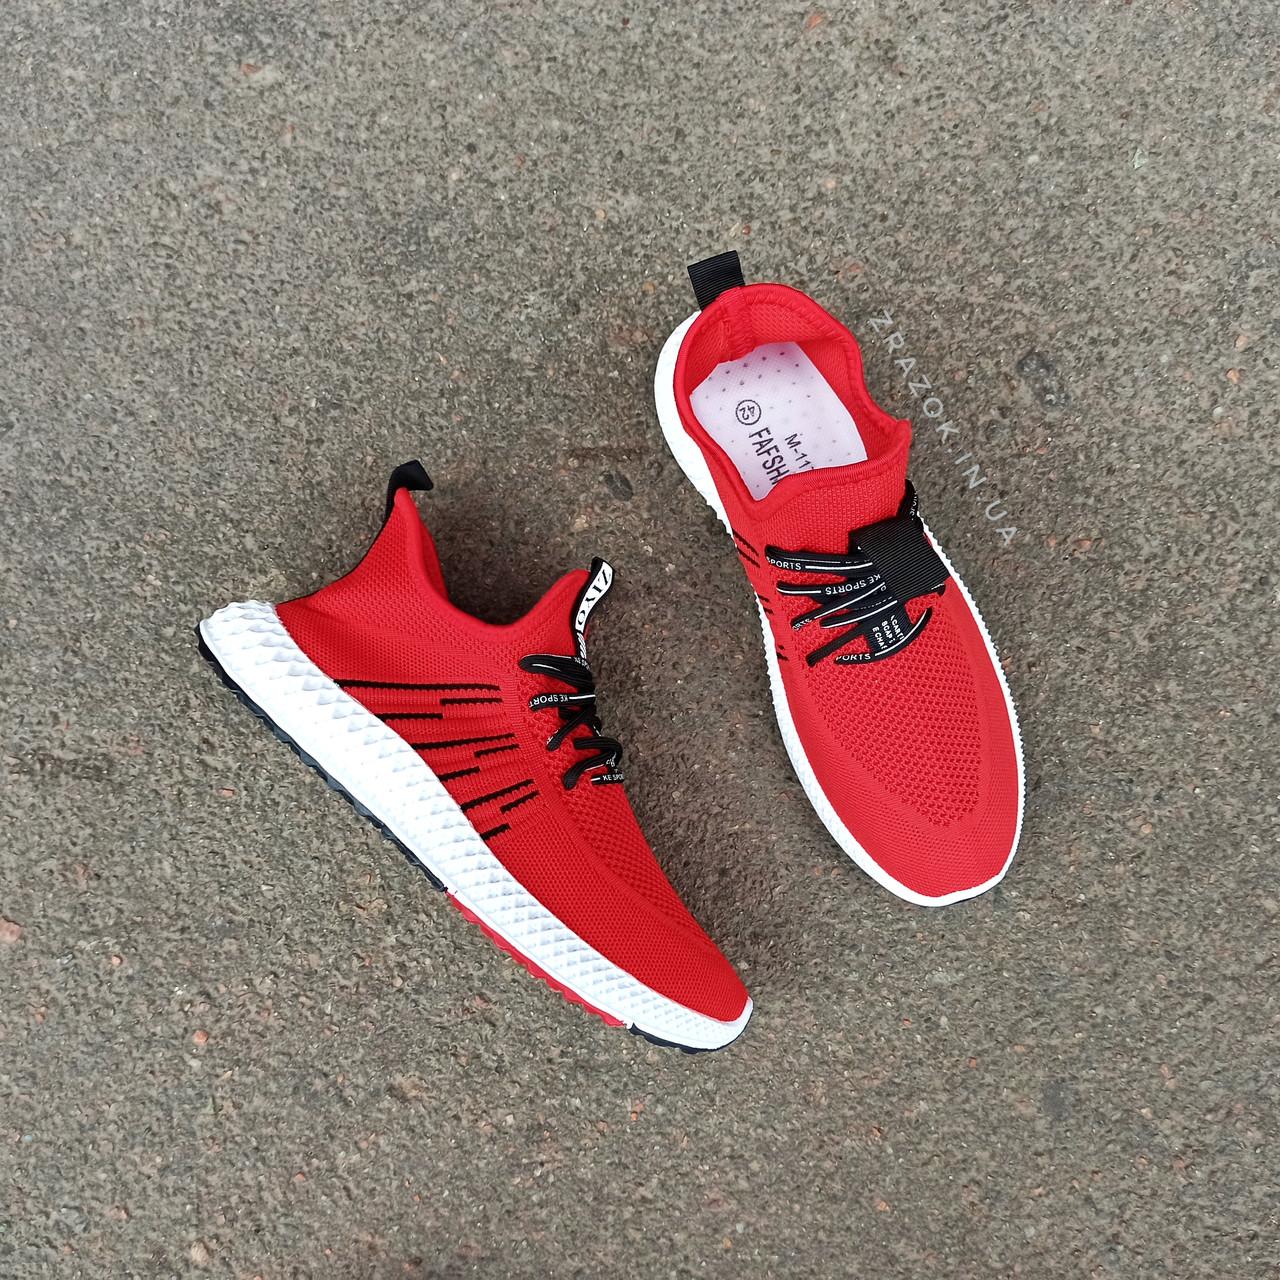 Червоні шкарпетки чоловічі кросівки в стилі Adidas yeezy boost v2 шкарпетки на підошві тканина текстиль сітка